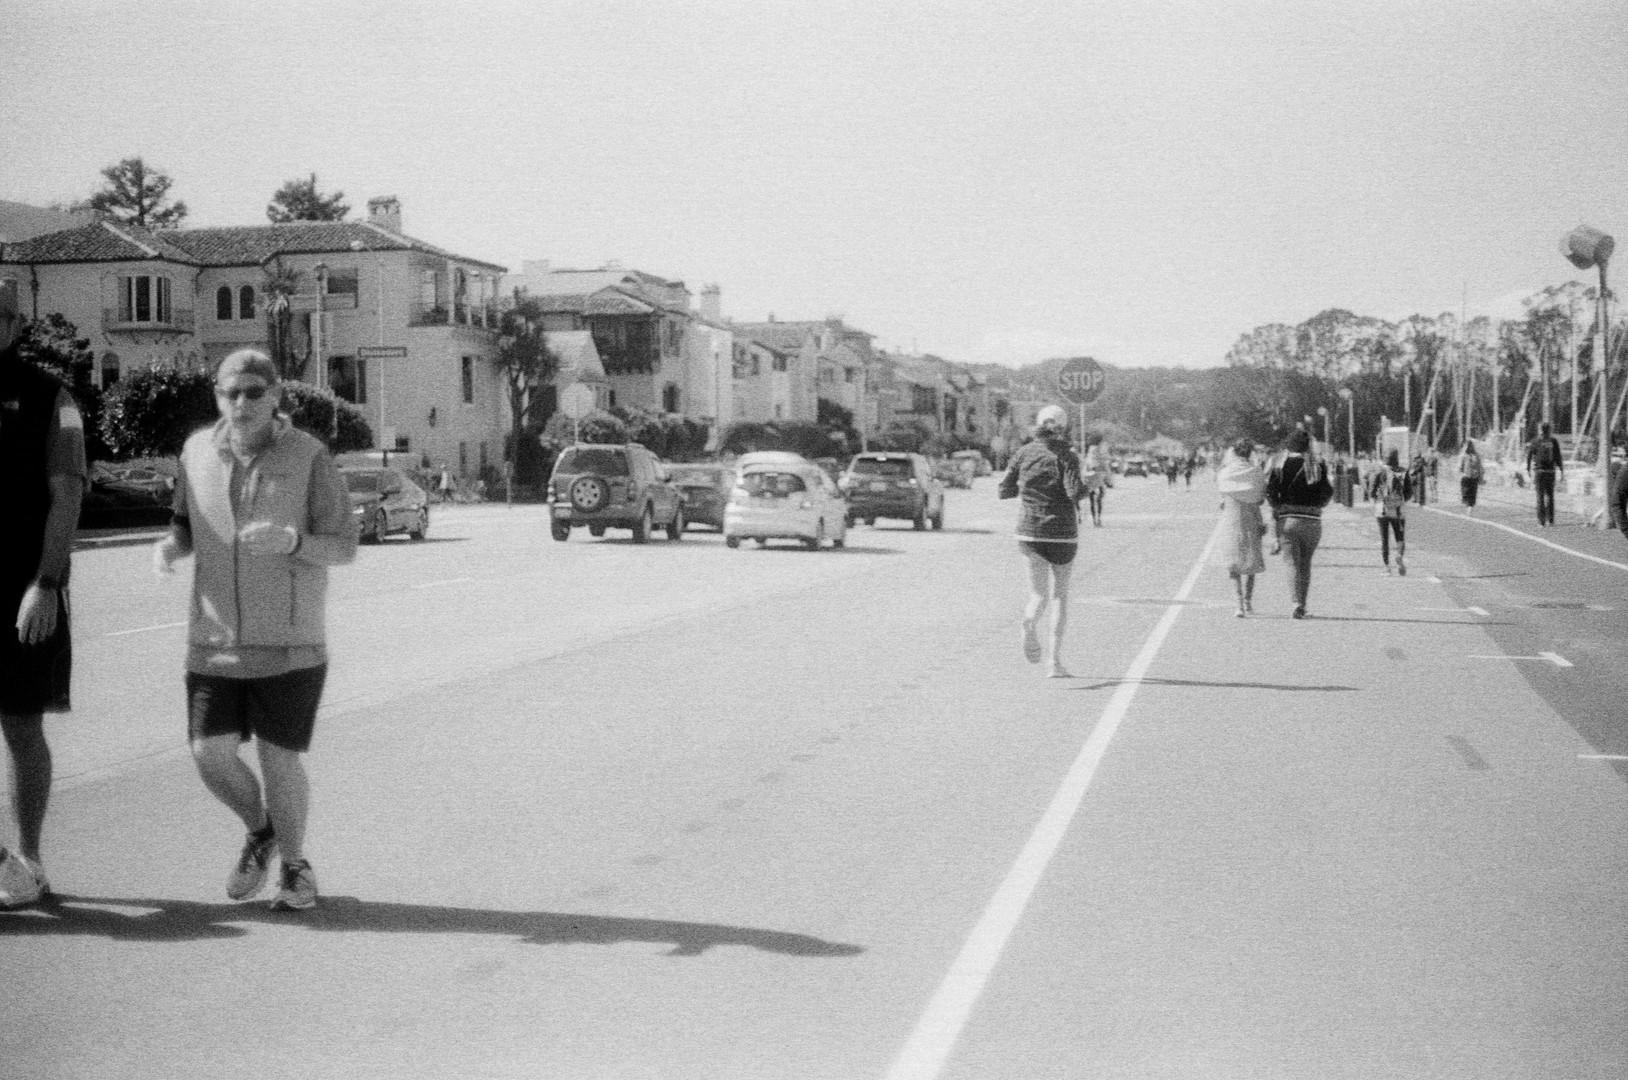 Runners_In_San_Francisco-5.jpg